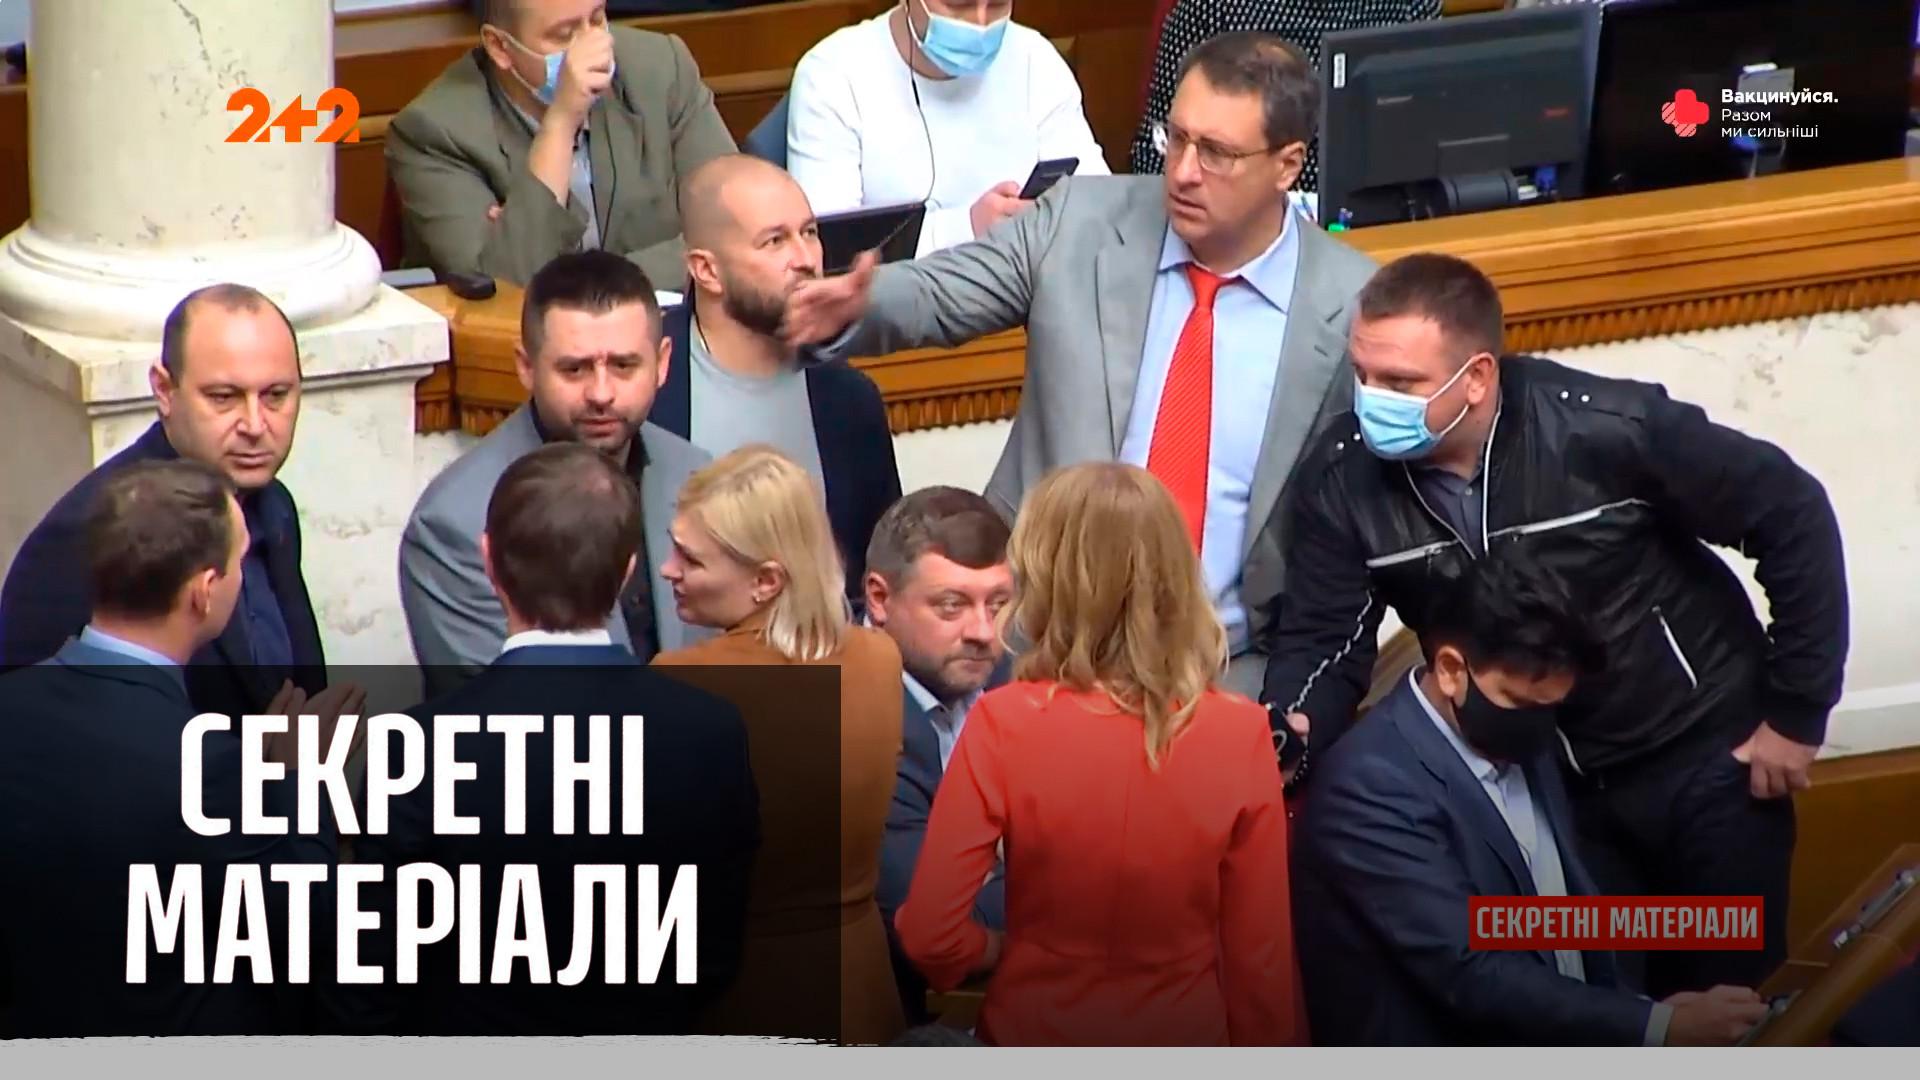 Депутати, які не вакцинувалися – Секретні матеріали